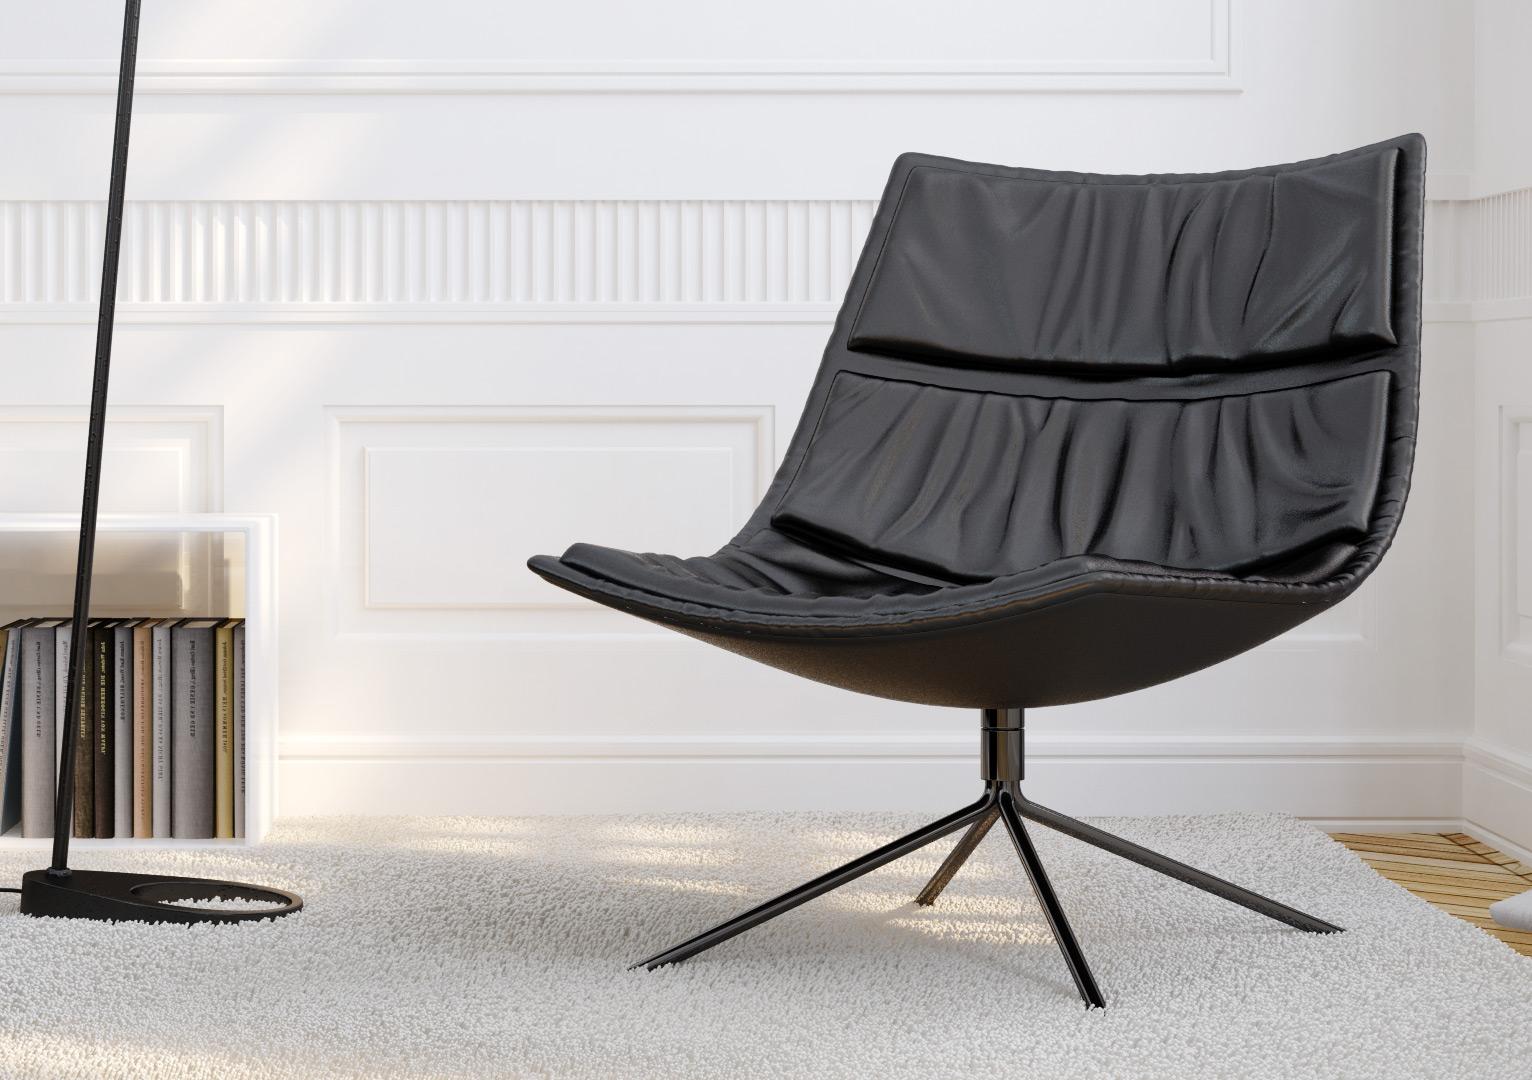 Fotorealistische Renderings Möbel Detail 003